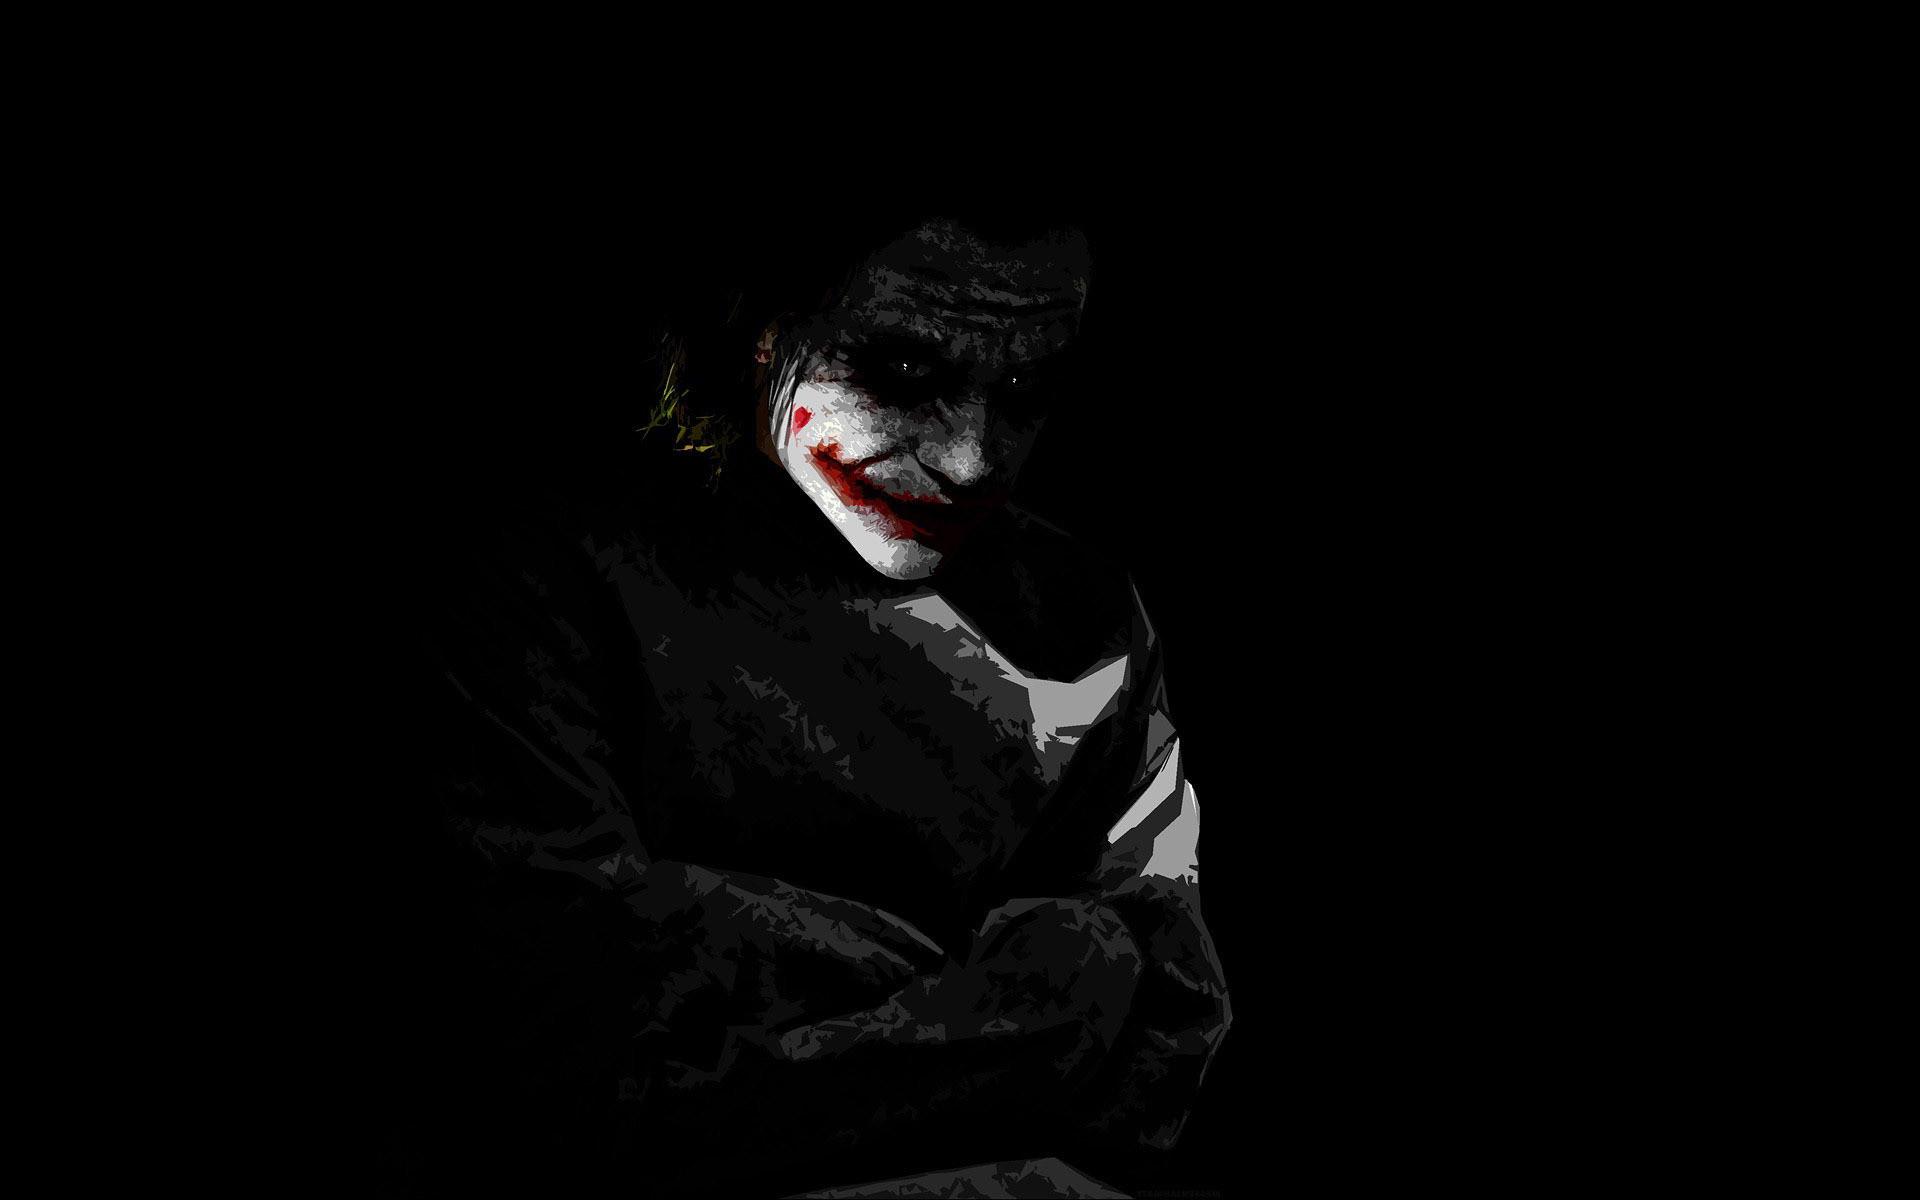 Joker Desktop Background 71 Images